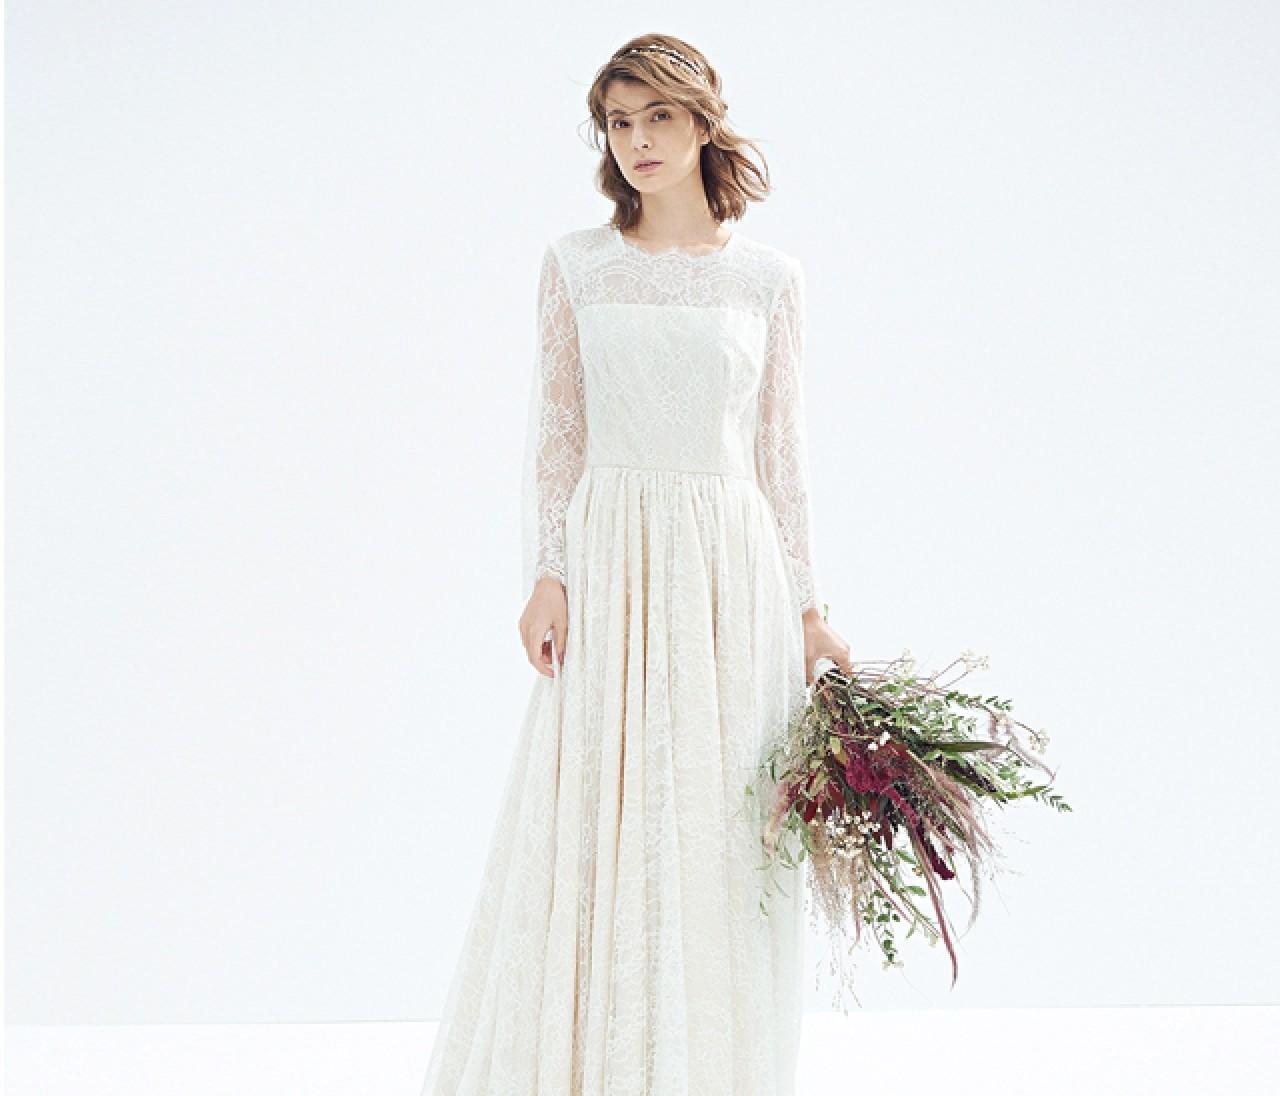 ラスティックな白ドレスは【ベイクドカラー小物】でやさしいぬくもりを